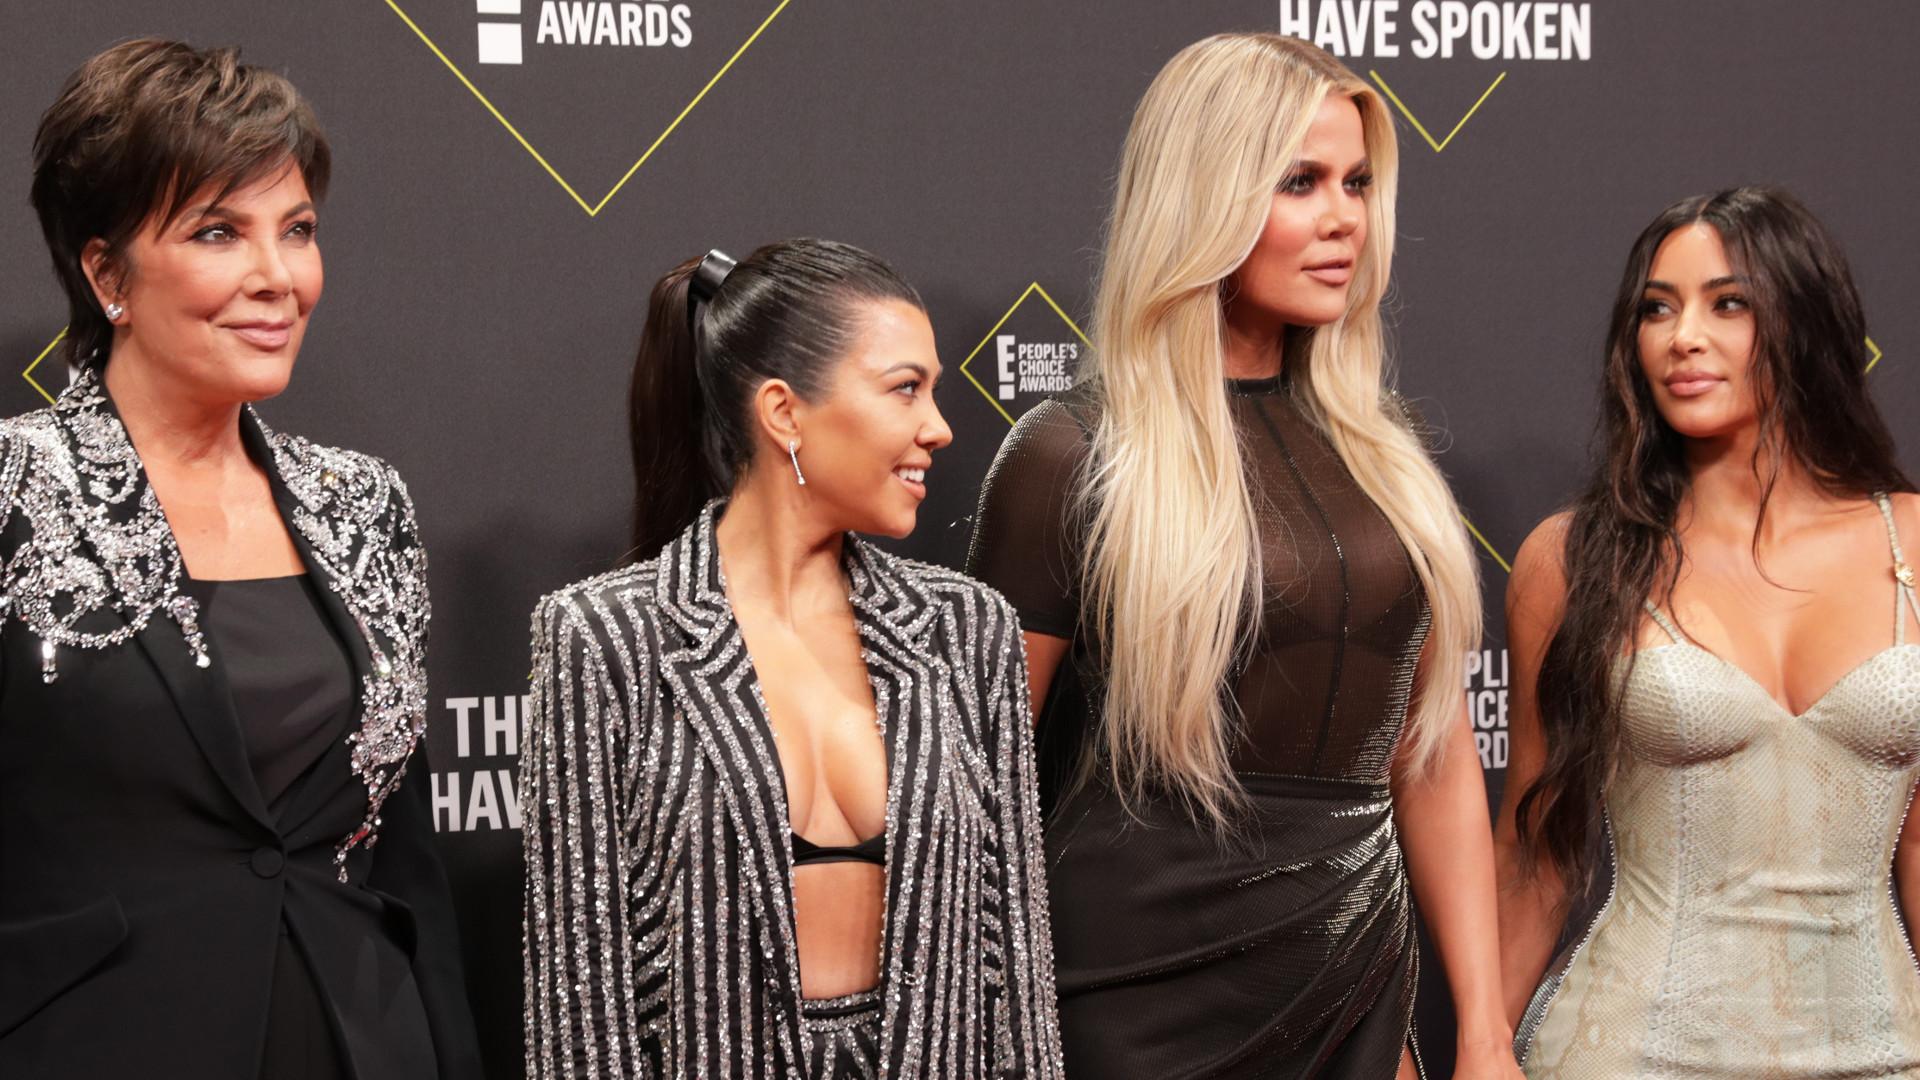 Siostry Kardashian razem na ściance – Khloe w najlepszej stylizacji! (ZDJĘCIA)